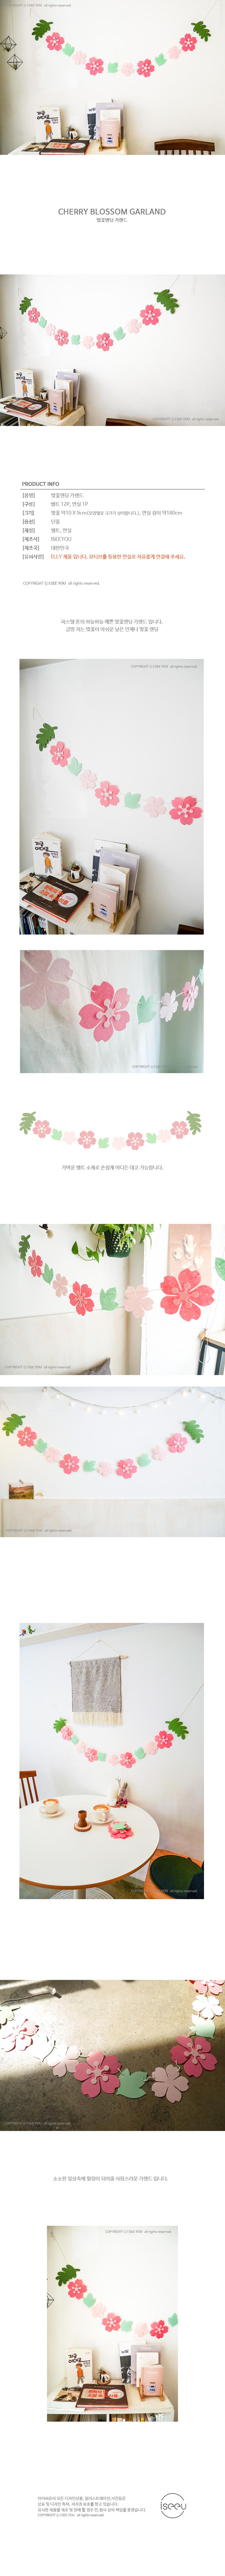 벚꽃엔딩 가랜드 - 아이씨유, 15,000원, 장식소품, 모빌/천장데코